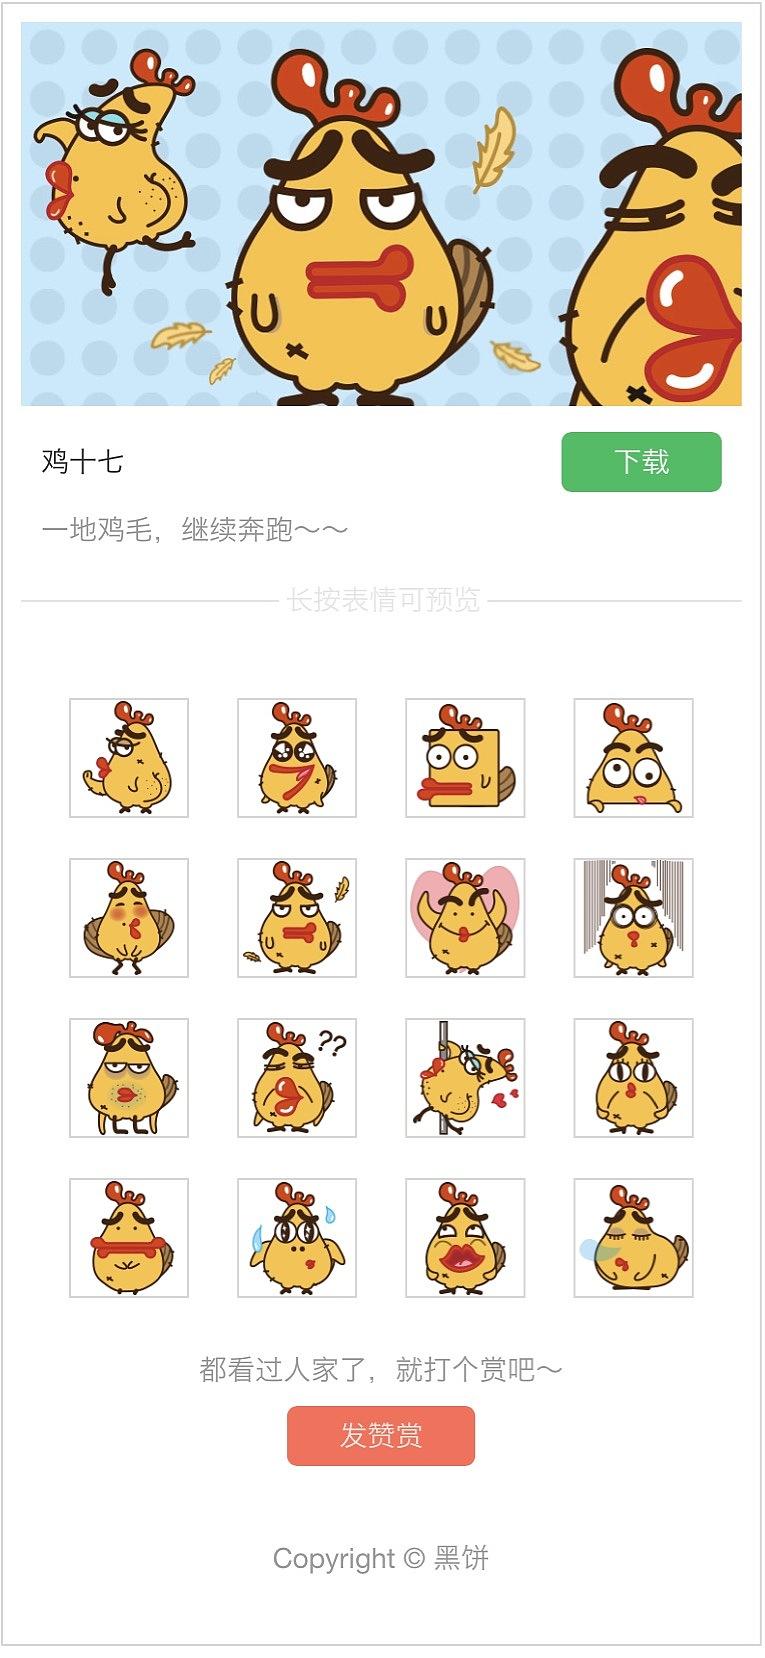 鸡十七微信表情戳瞎表情包图片